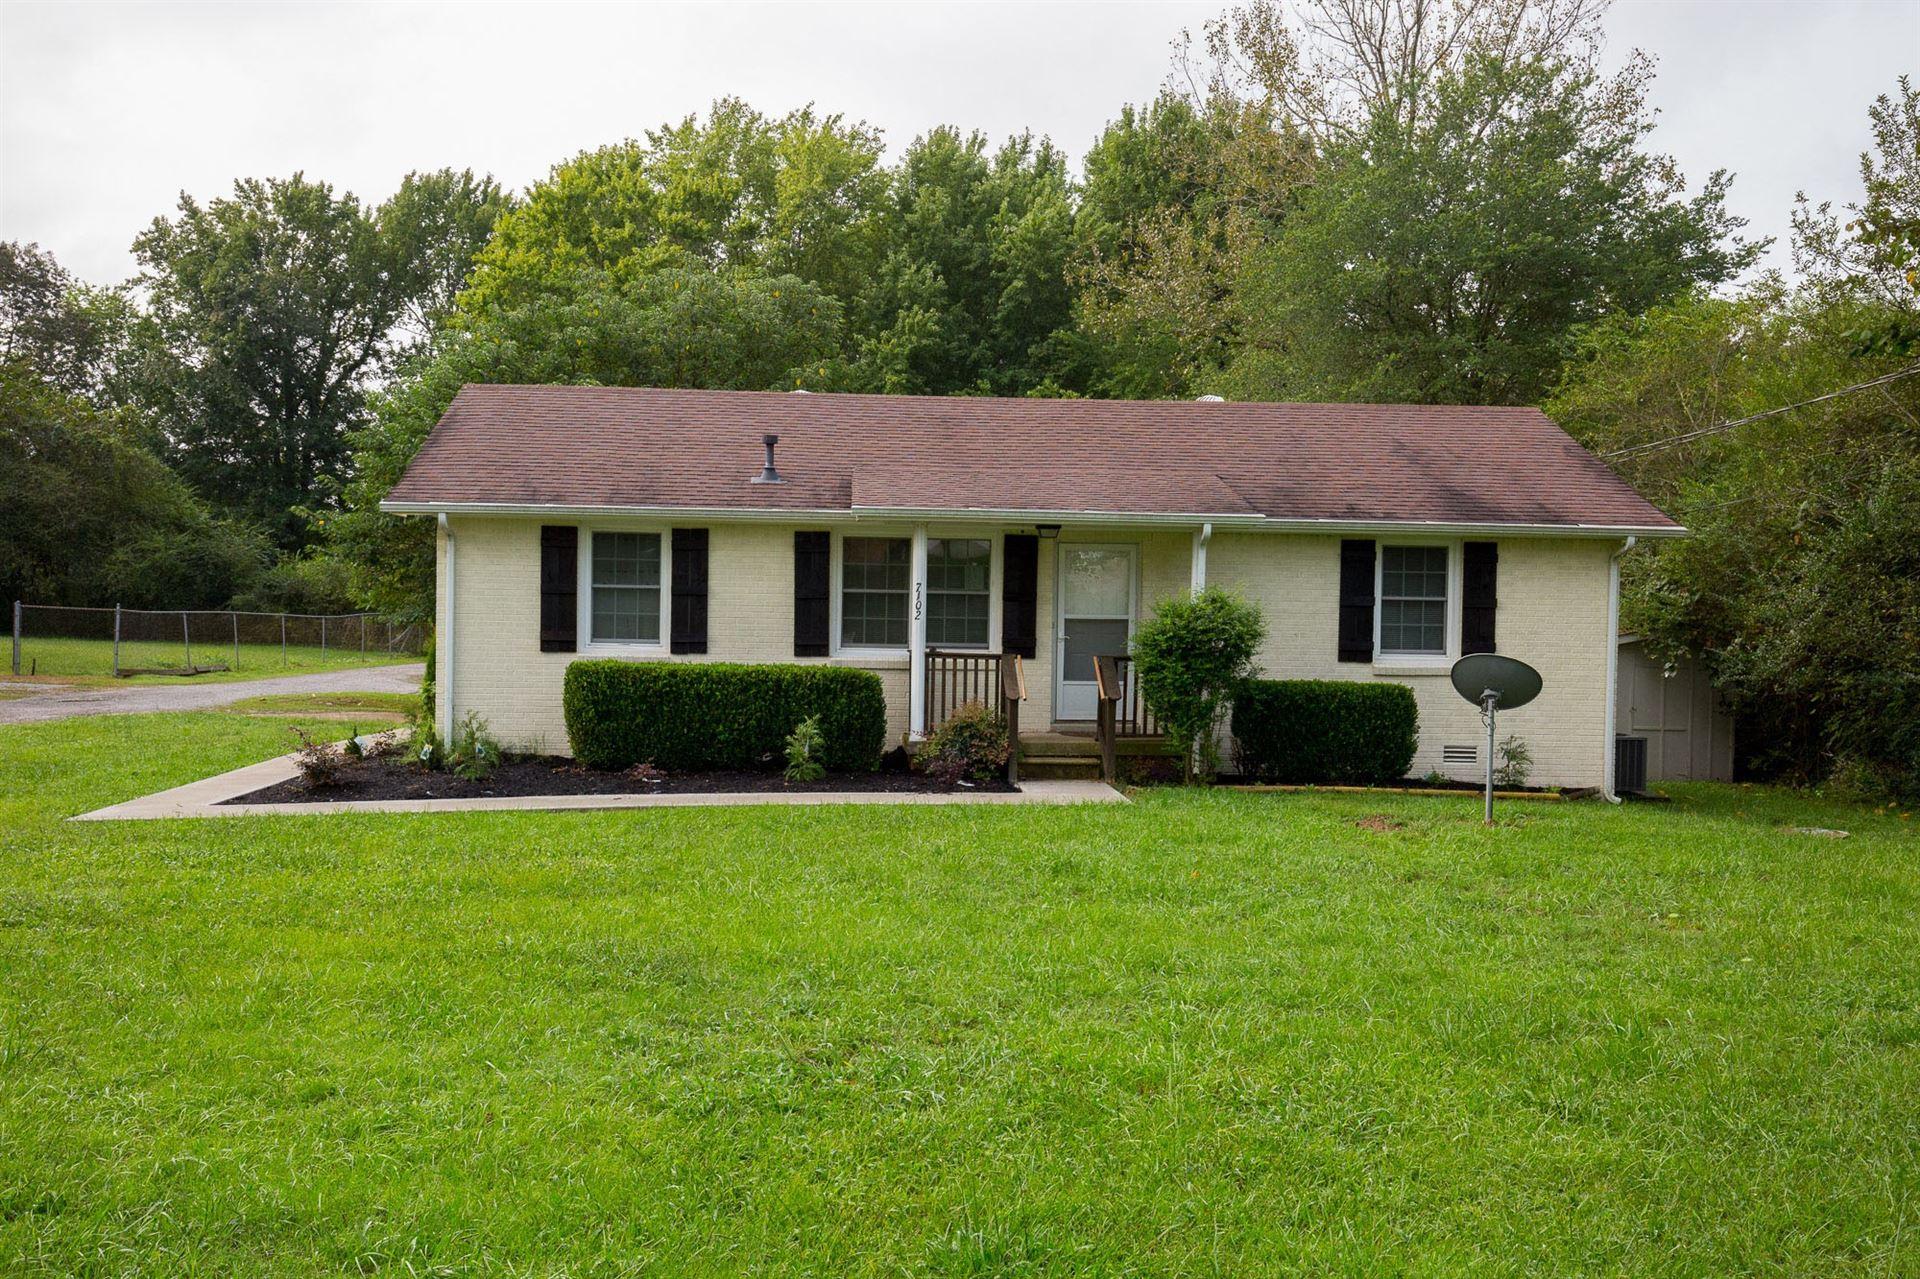 7102 Cobb Cir, Fairview, TN 37062 - MLS#: 2185988